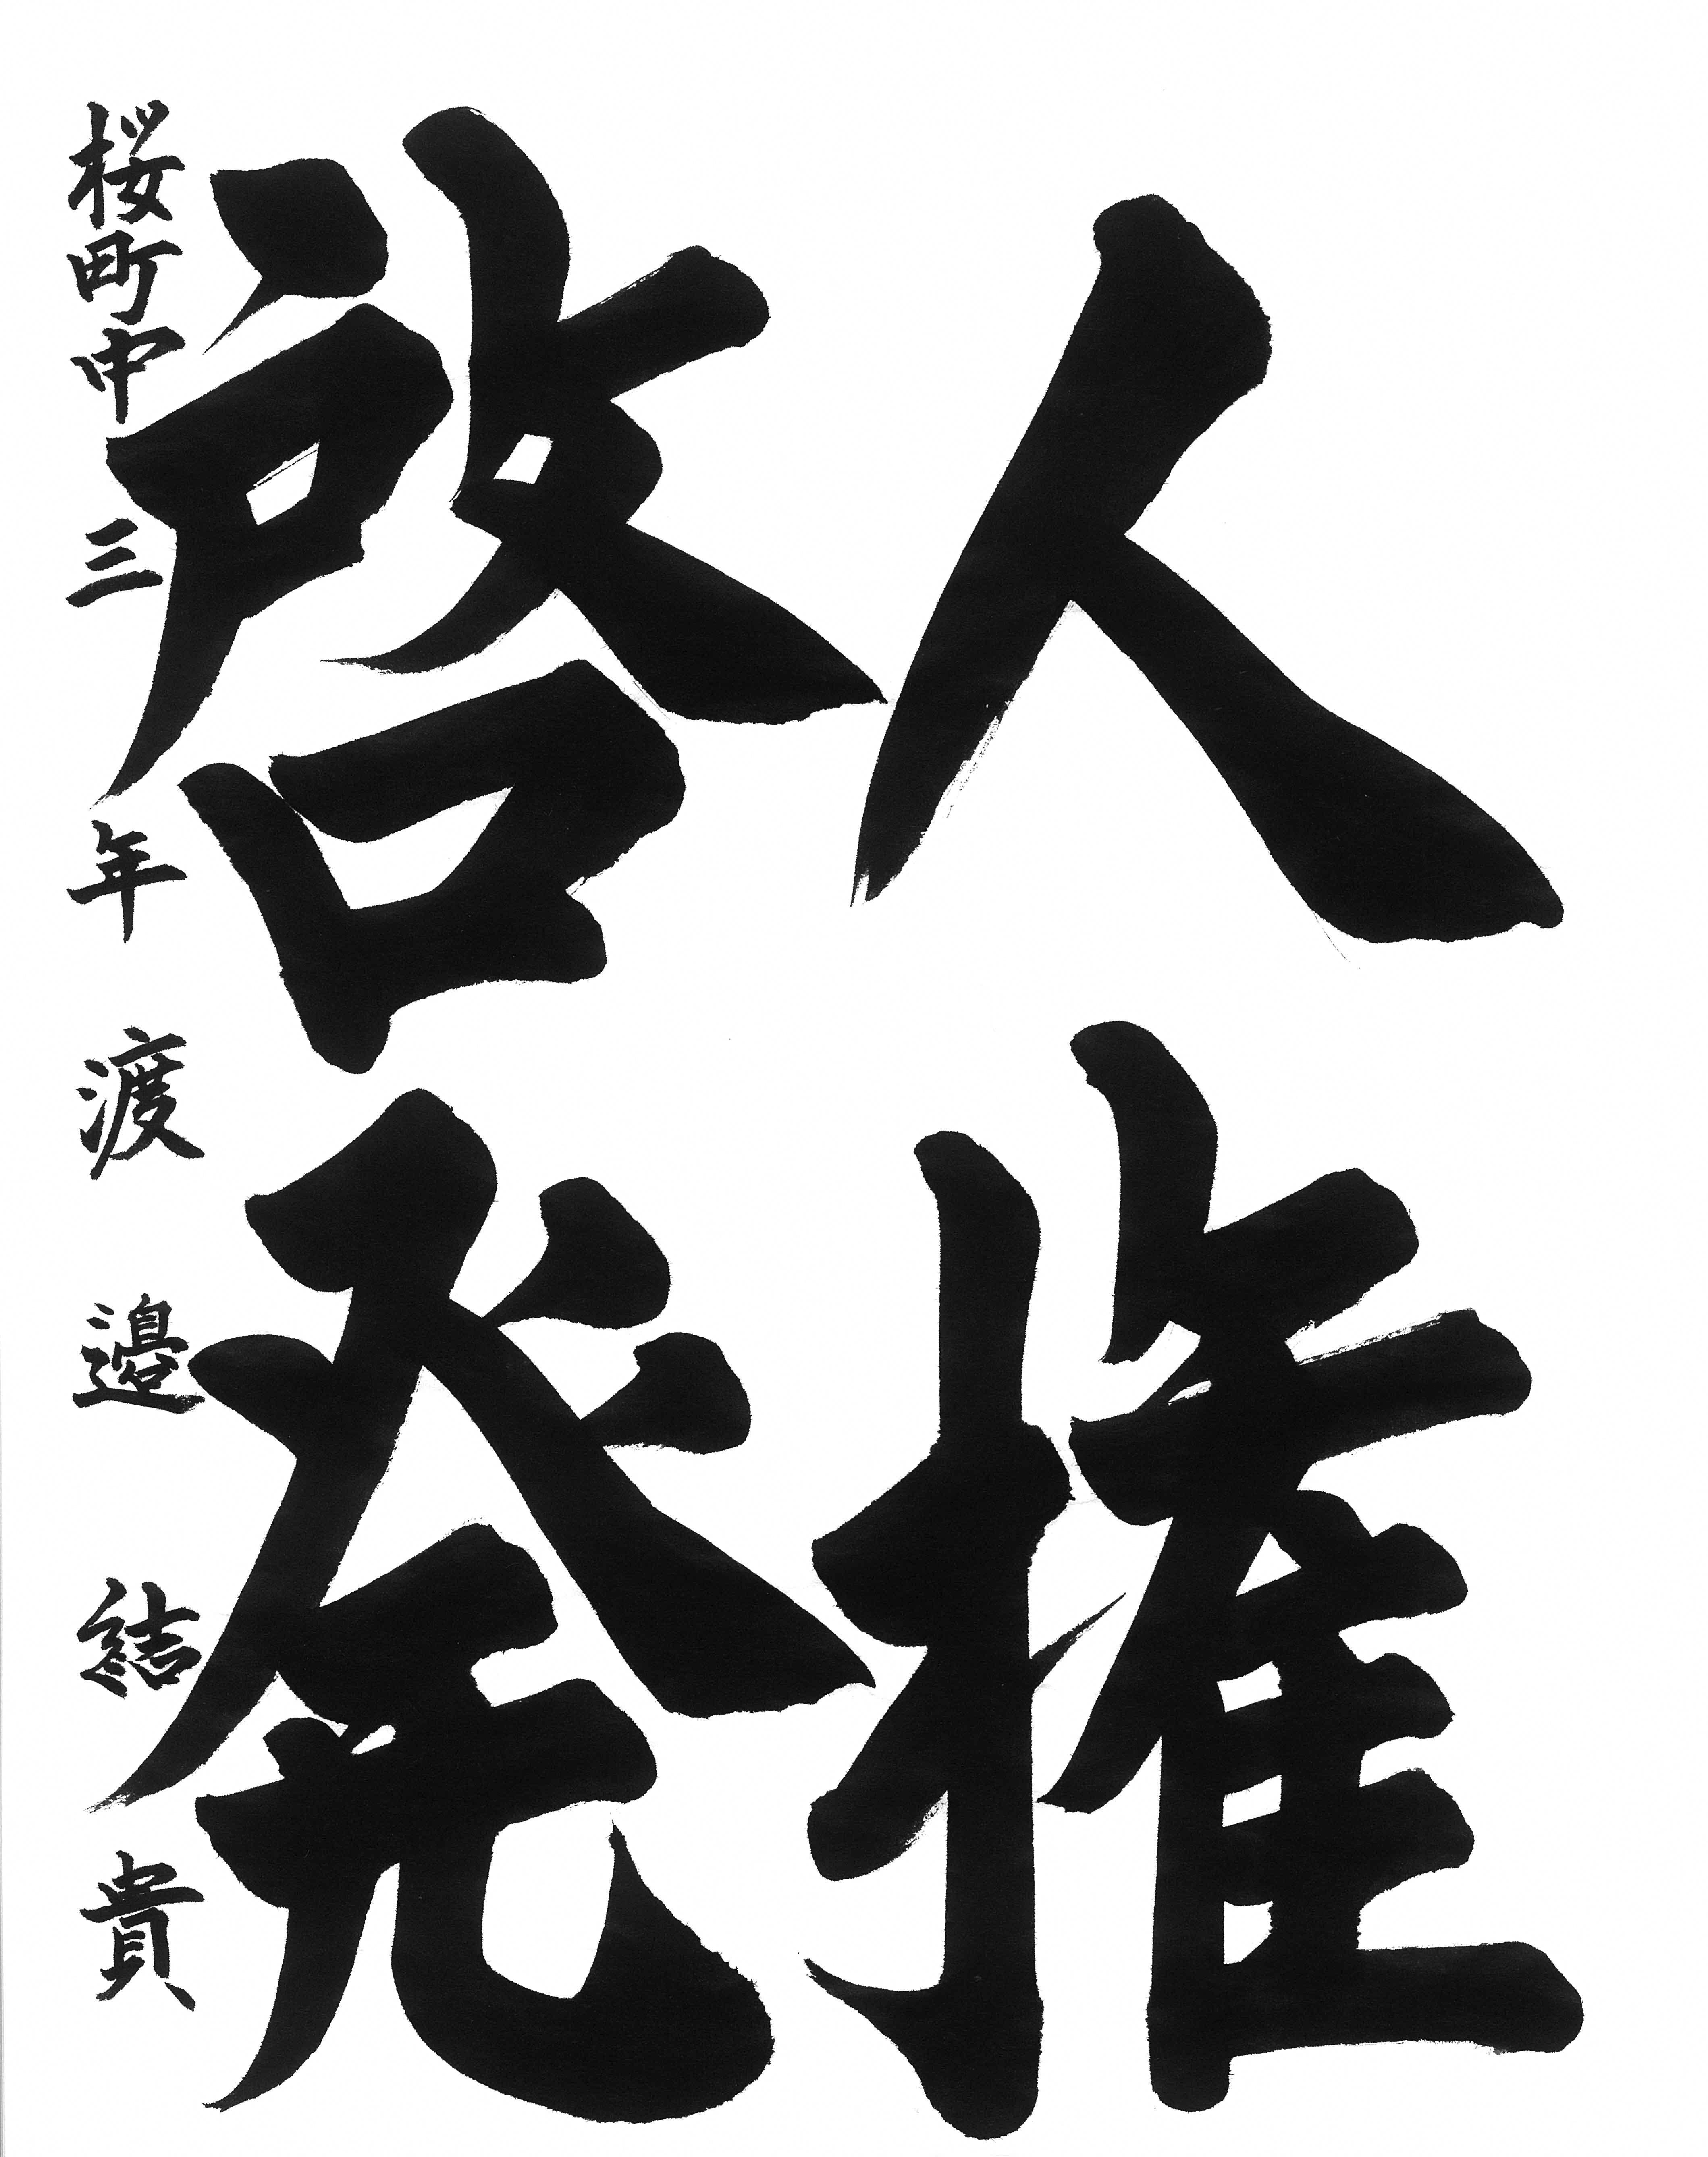 高松市立桜町中学校 3年 渡邉 結貴